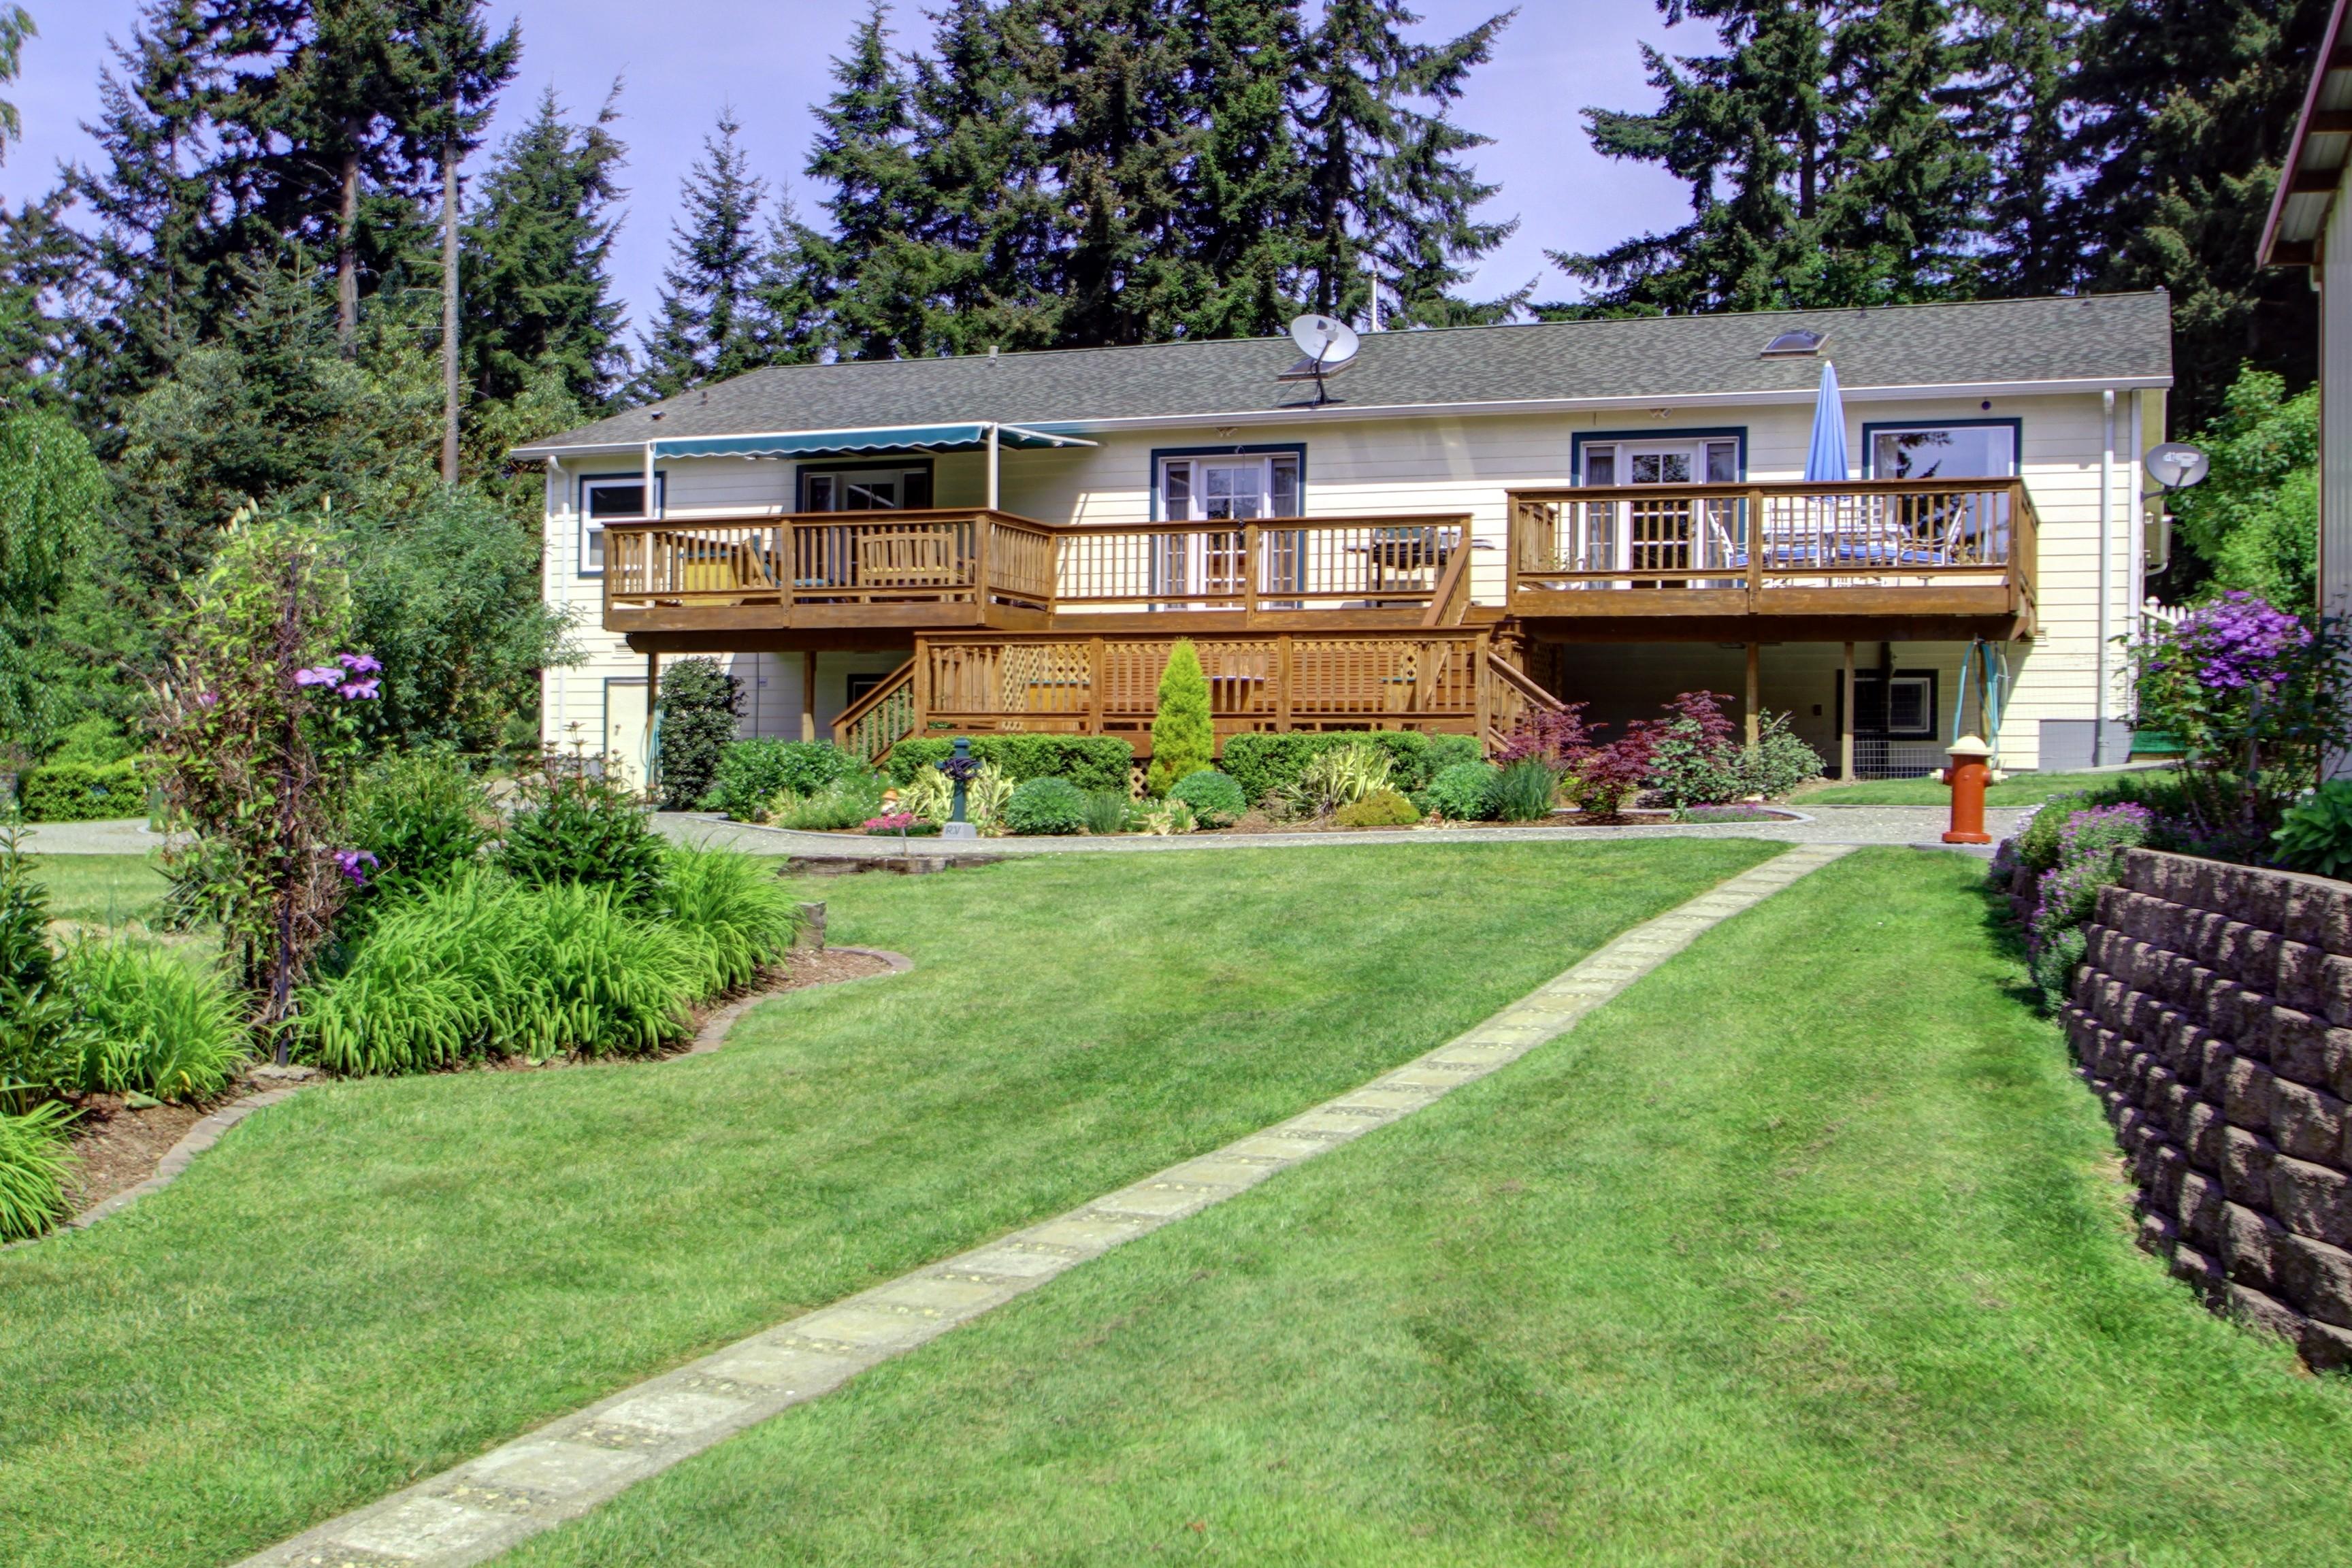 獨棟家庭住宅 為 出售 在 288 Shumway Camano Island, 華盛頓州 98282 美國